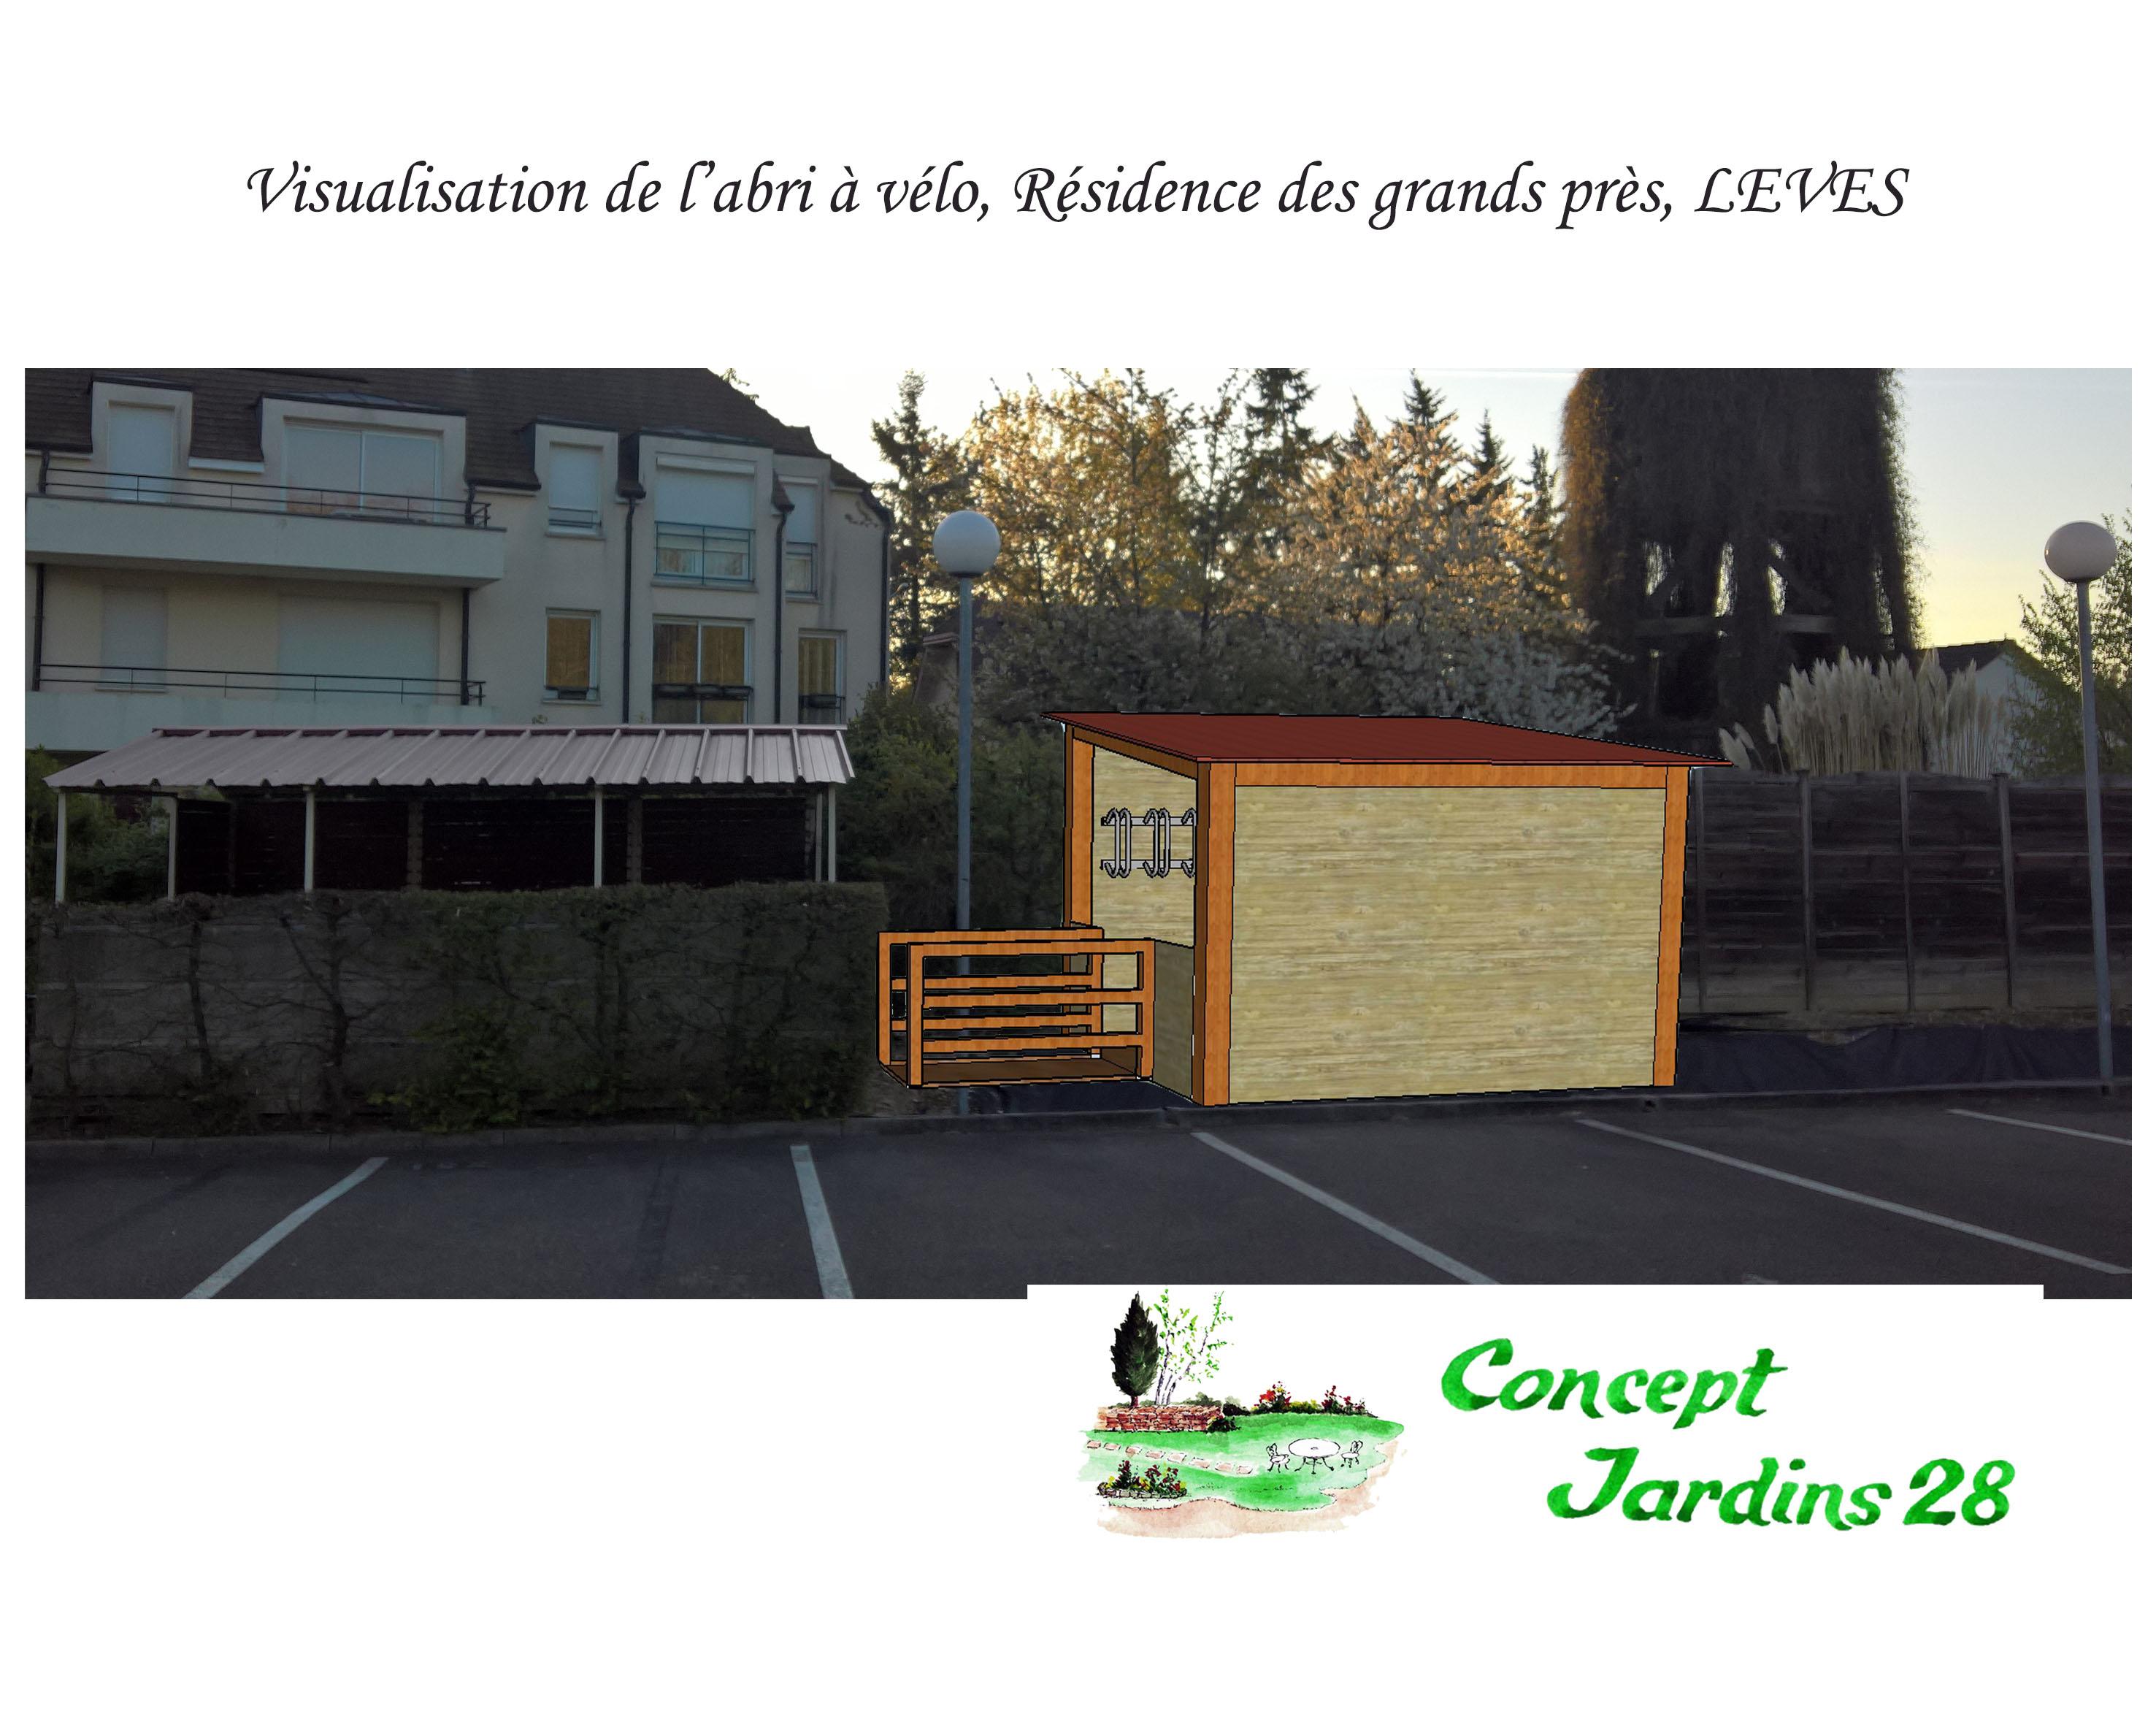 Photo-montage pour la dépose d'un permis en mairie (avant modification)